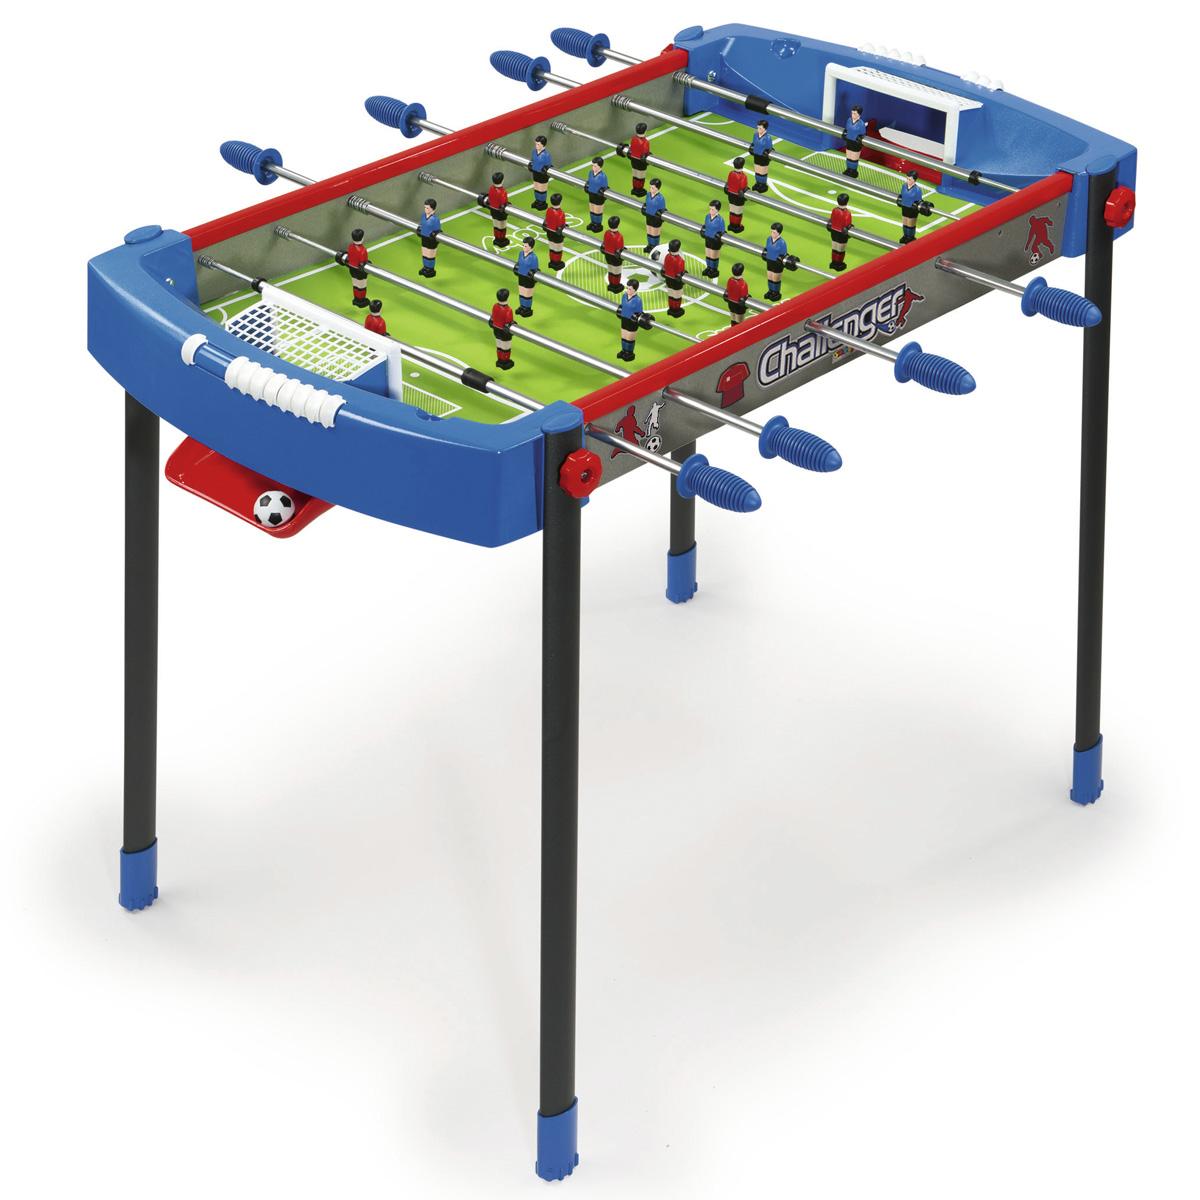 Smoby Футбольный стол Челленжер 106 х 69 х 74 см620200Футбольный стол Challenger raquo из спортивной серии Masters - размеры 106х69х74 см (длина, ширина, высота). Предназначен для детей от 6-и лет. Изготовлен из упрочнённого пластика и металла. В комплекте 2 пластиковых мяча.